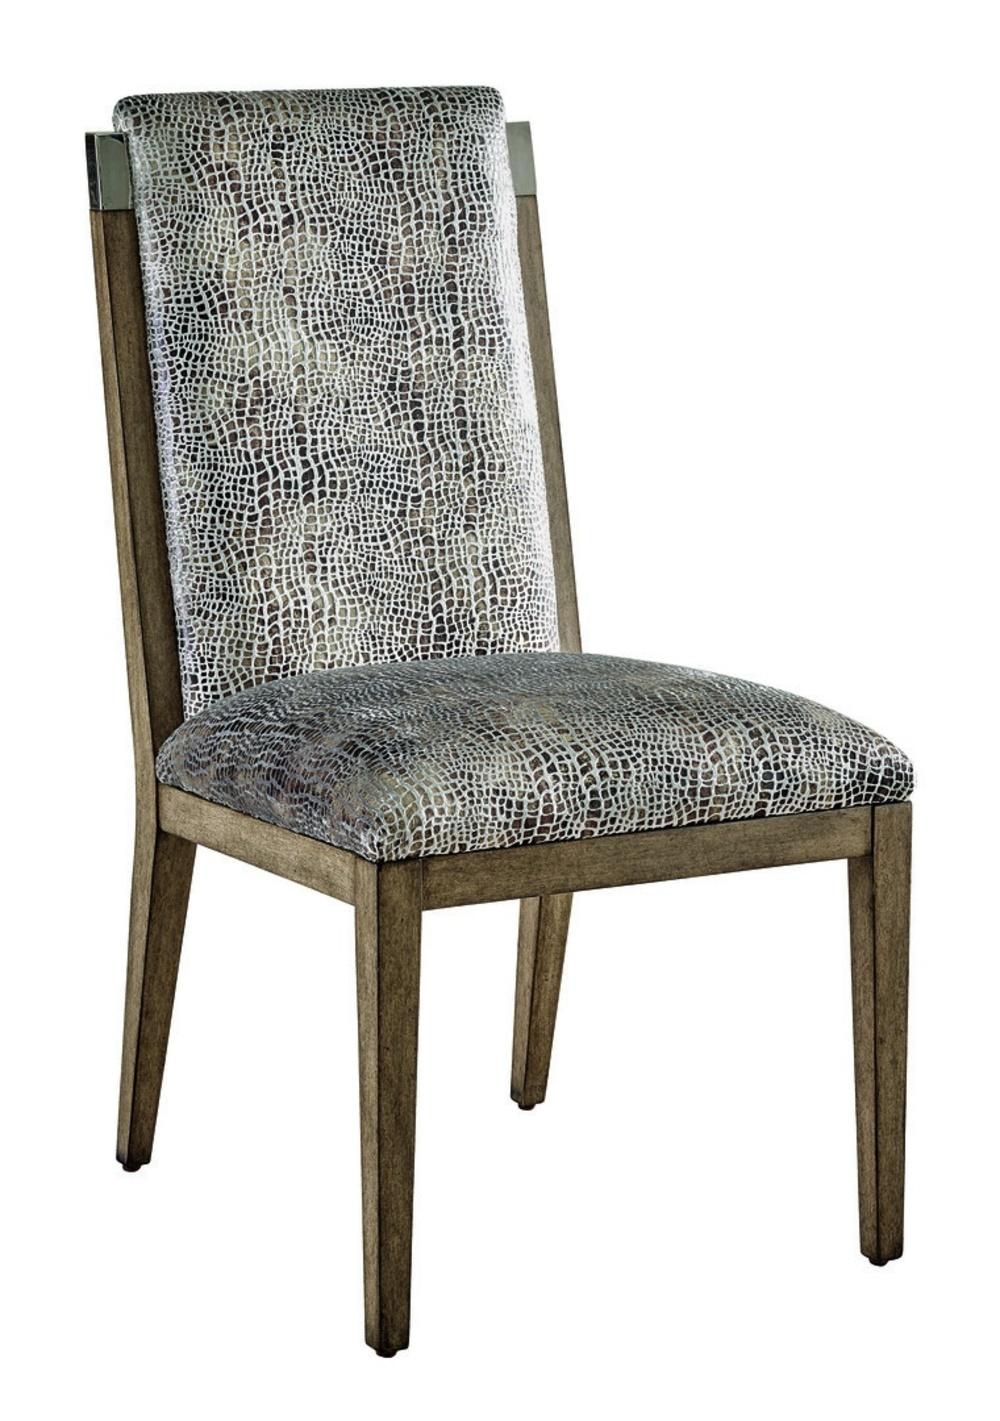 CARSON HOME FURNISHINGS - Harmony Side Chair